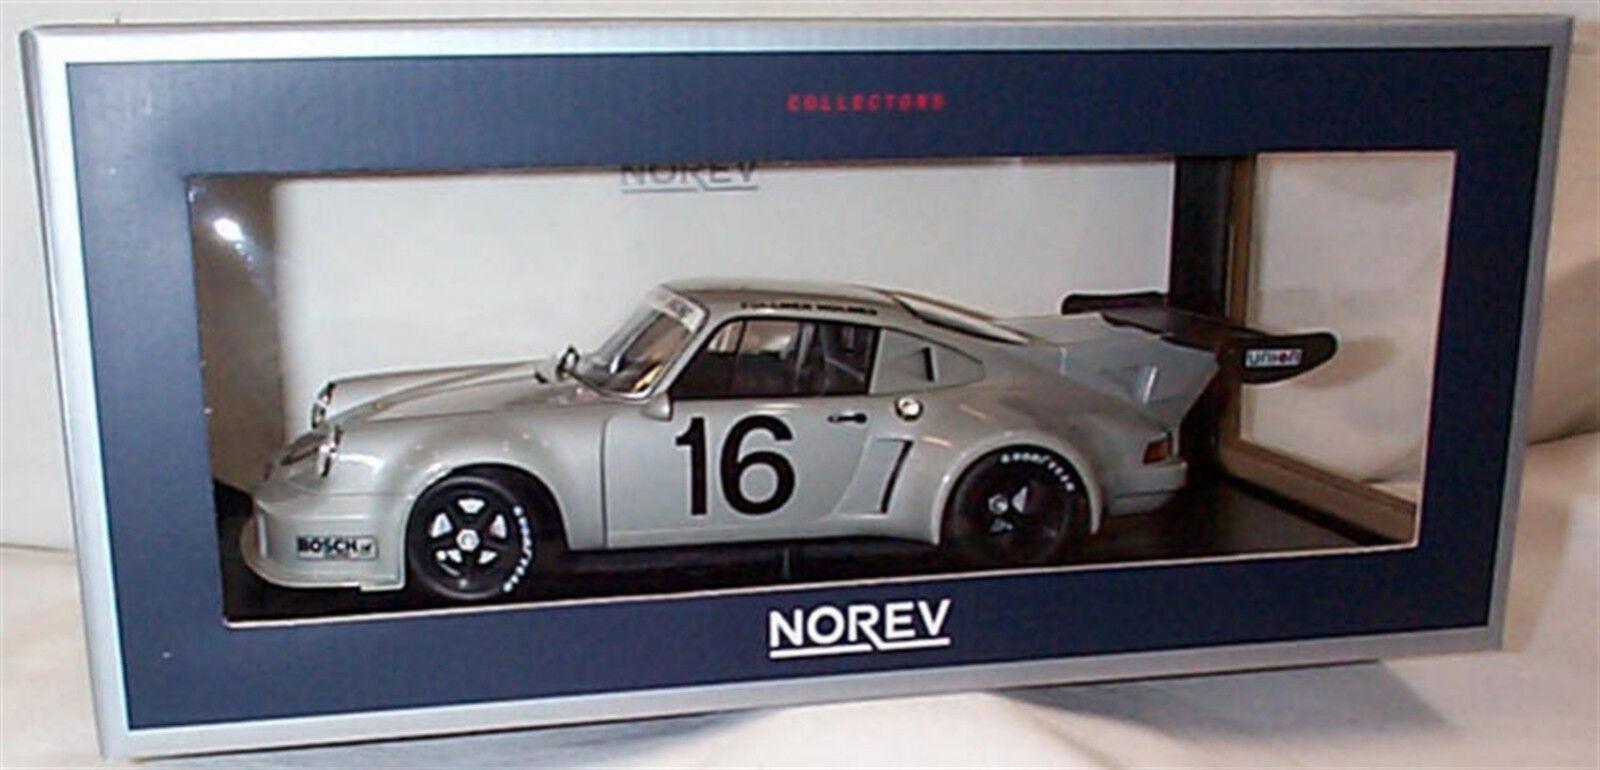 Porsche 911 Carrera RSR 2.1 Racing No16 échelle 1 18 New in Box 187427